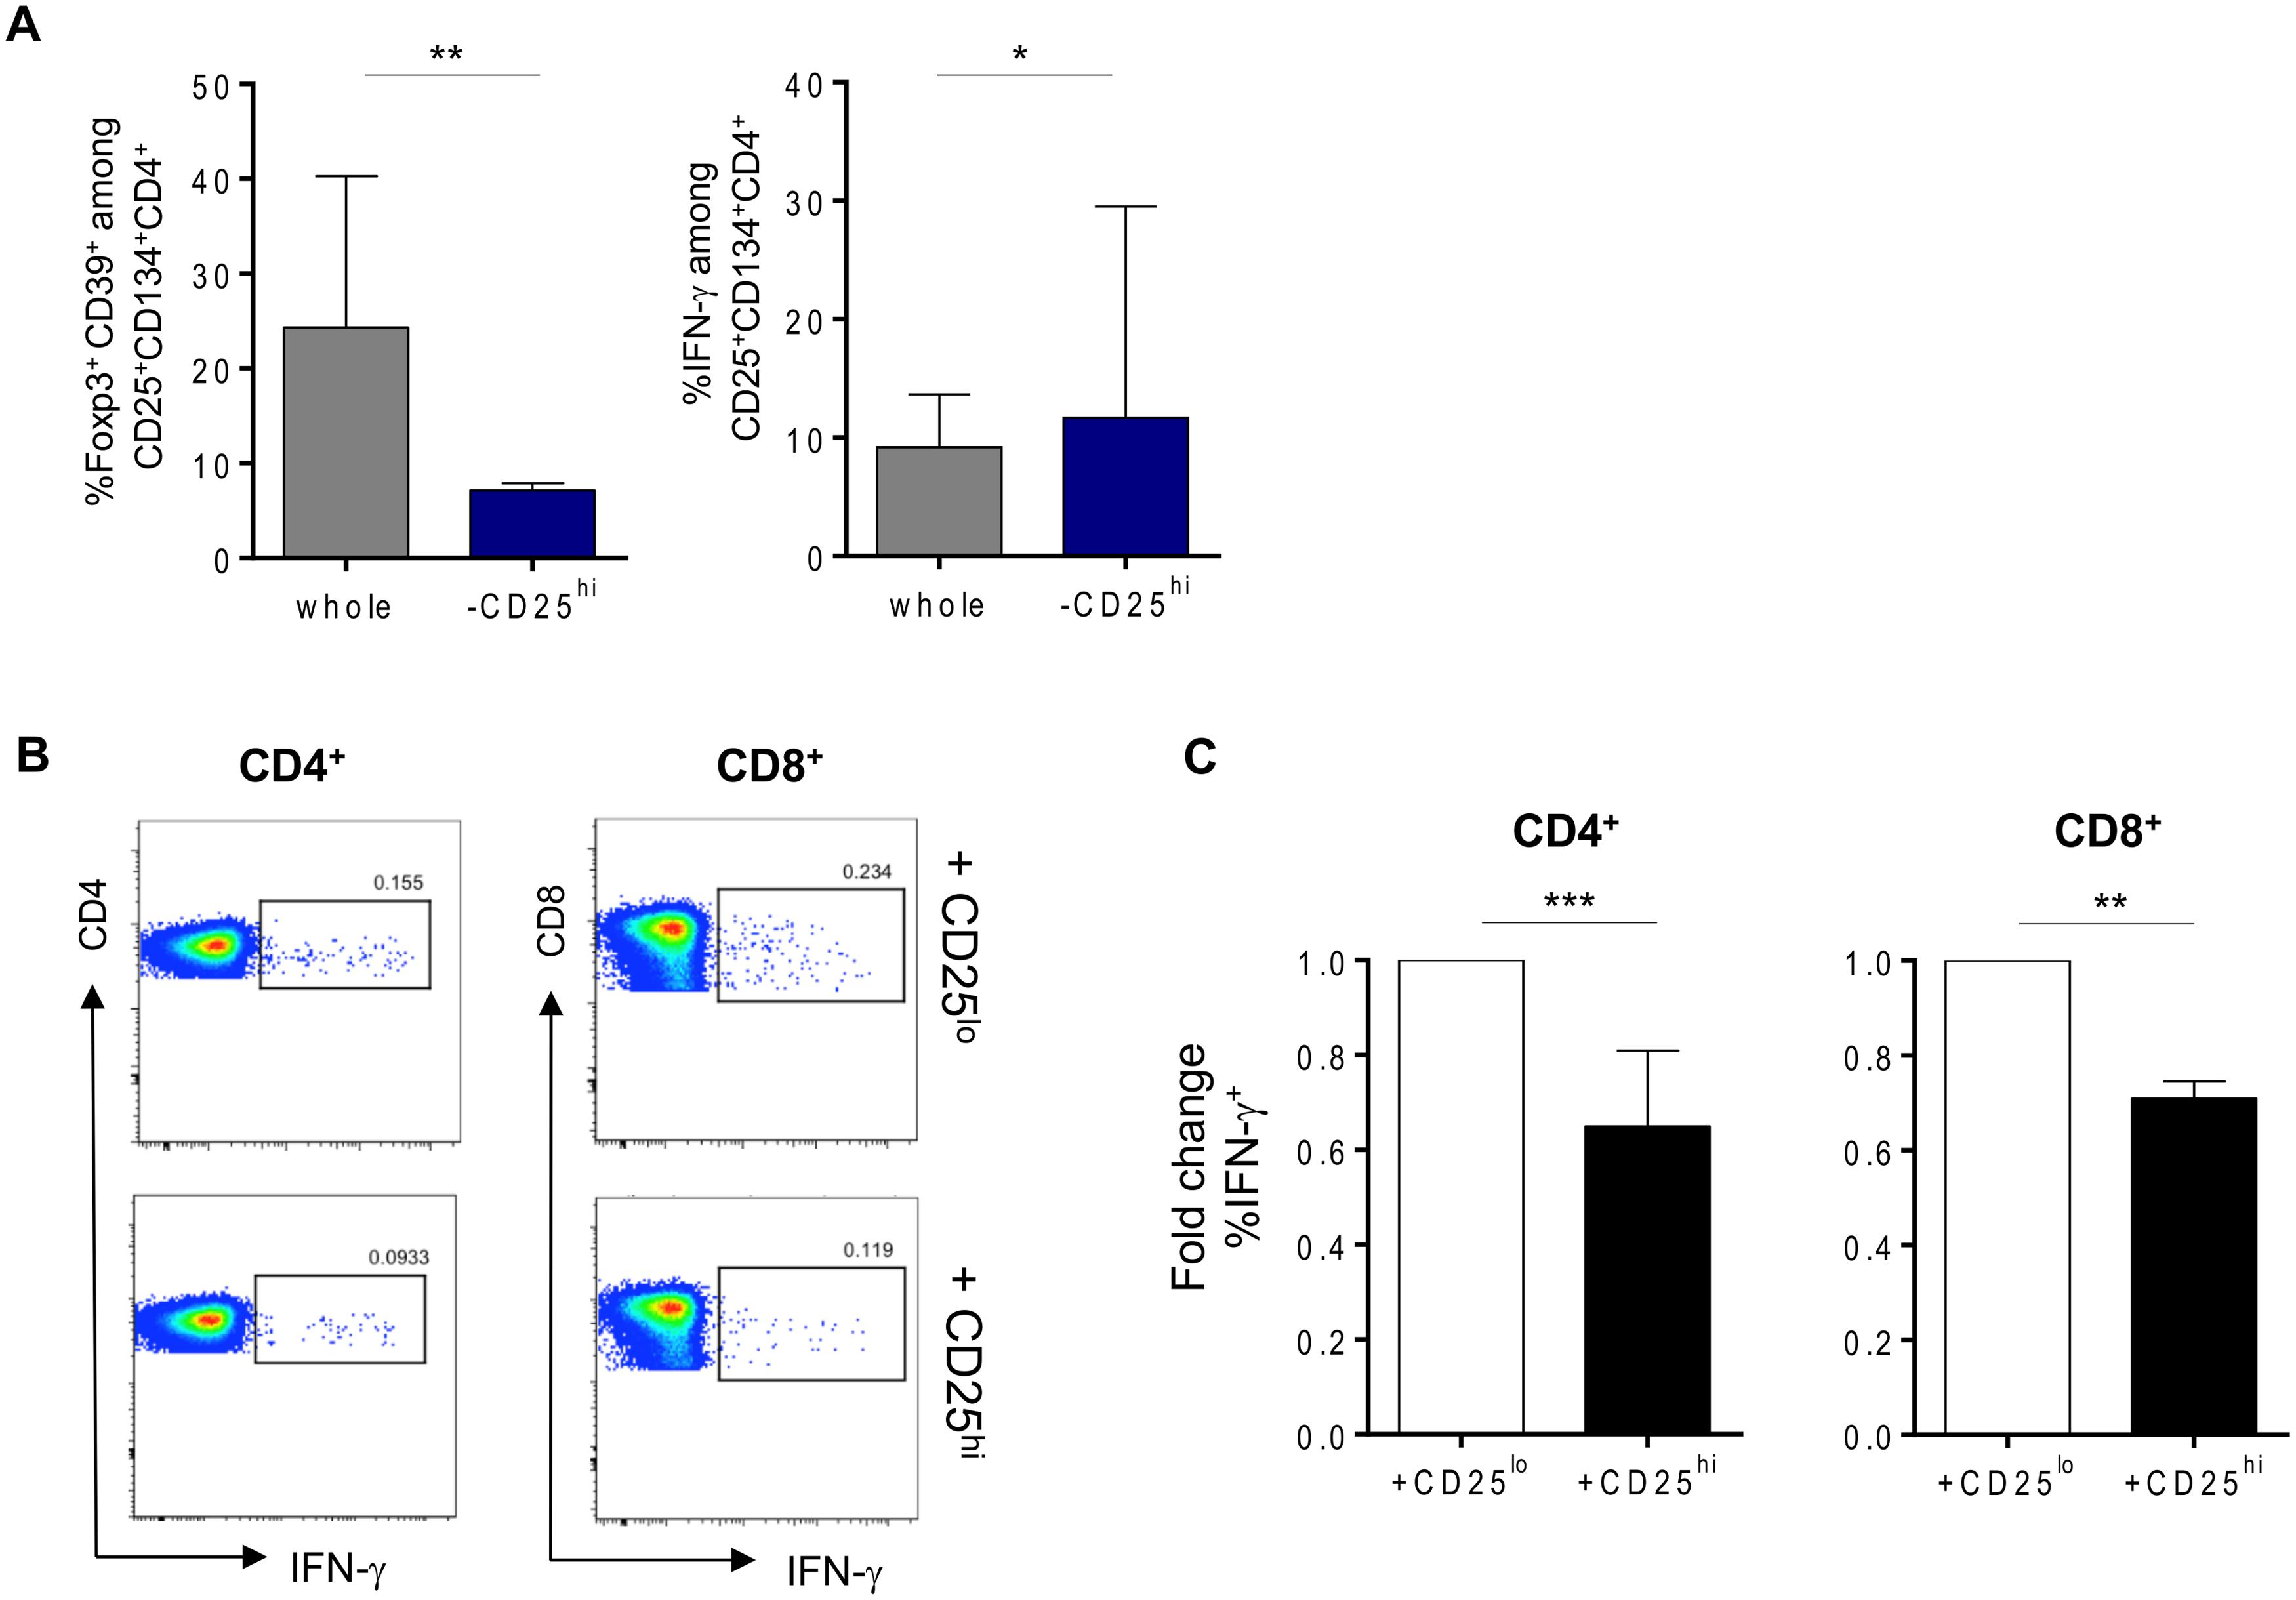 Tregs can suppress HIV-specific responses in vitro.